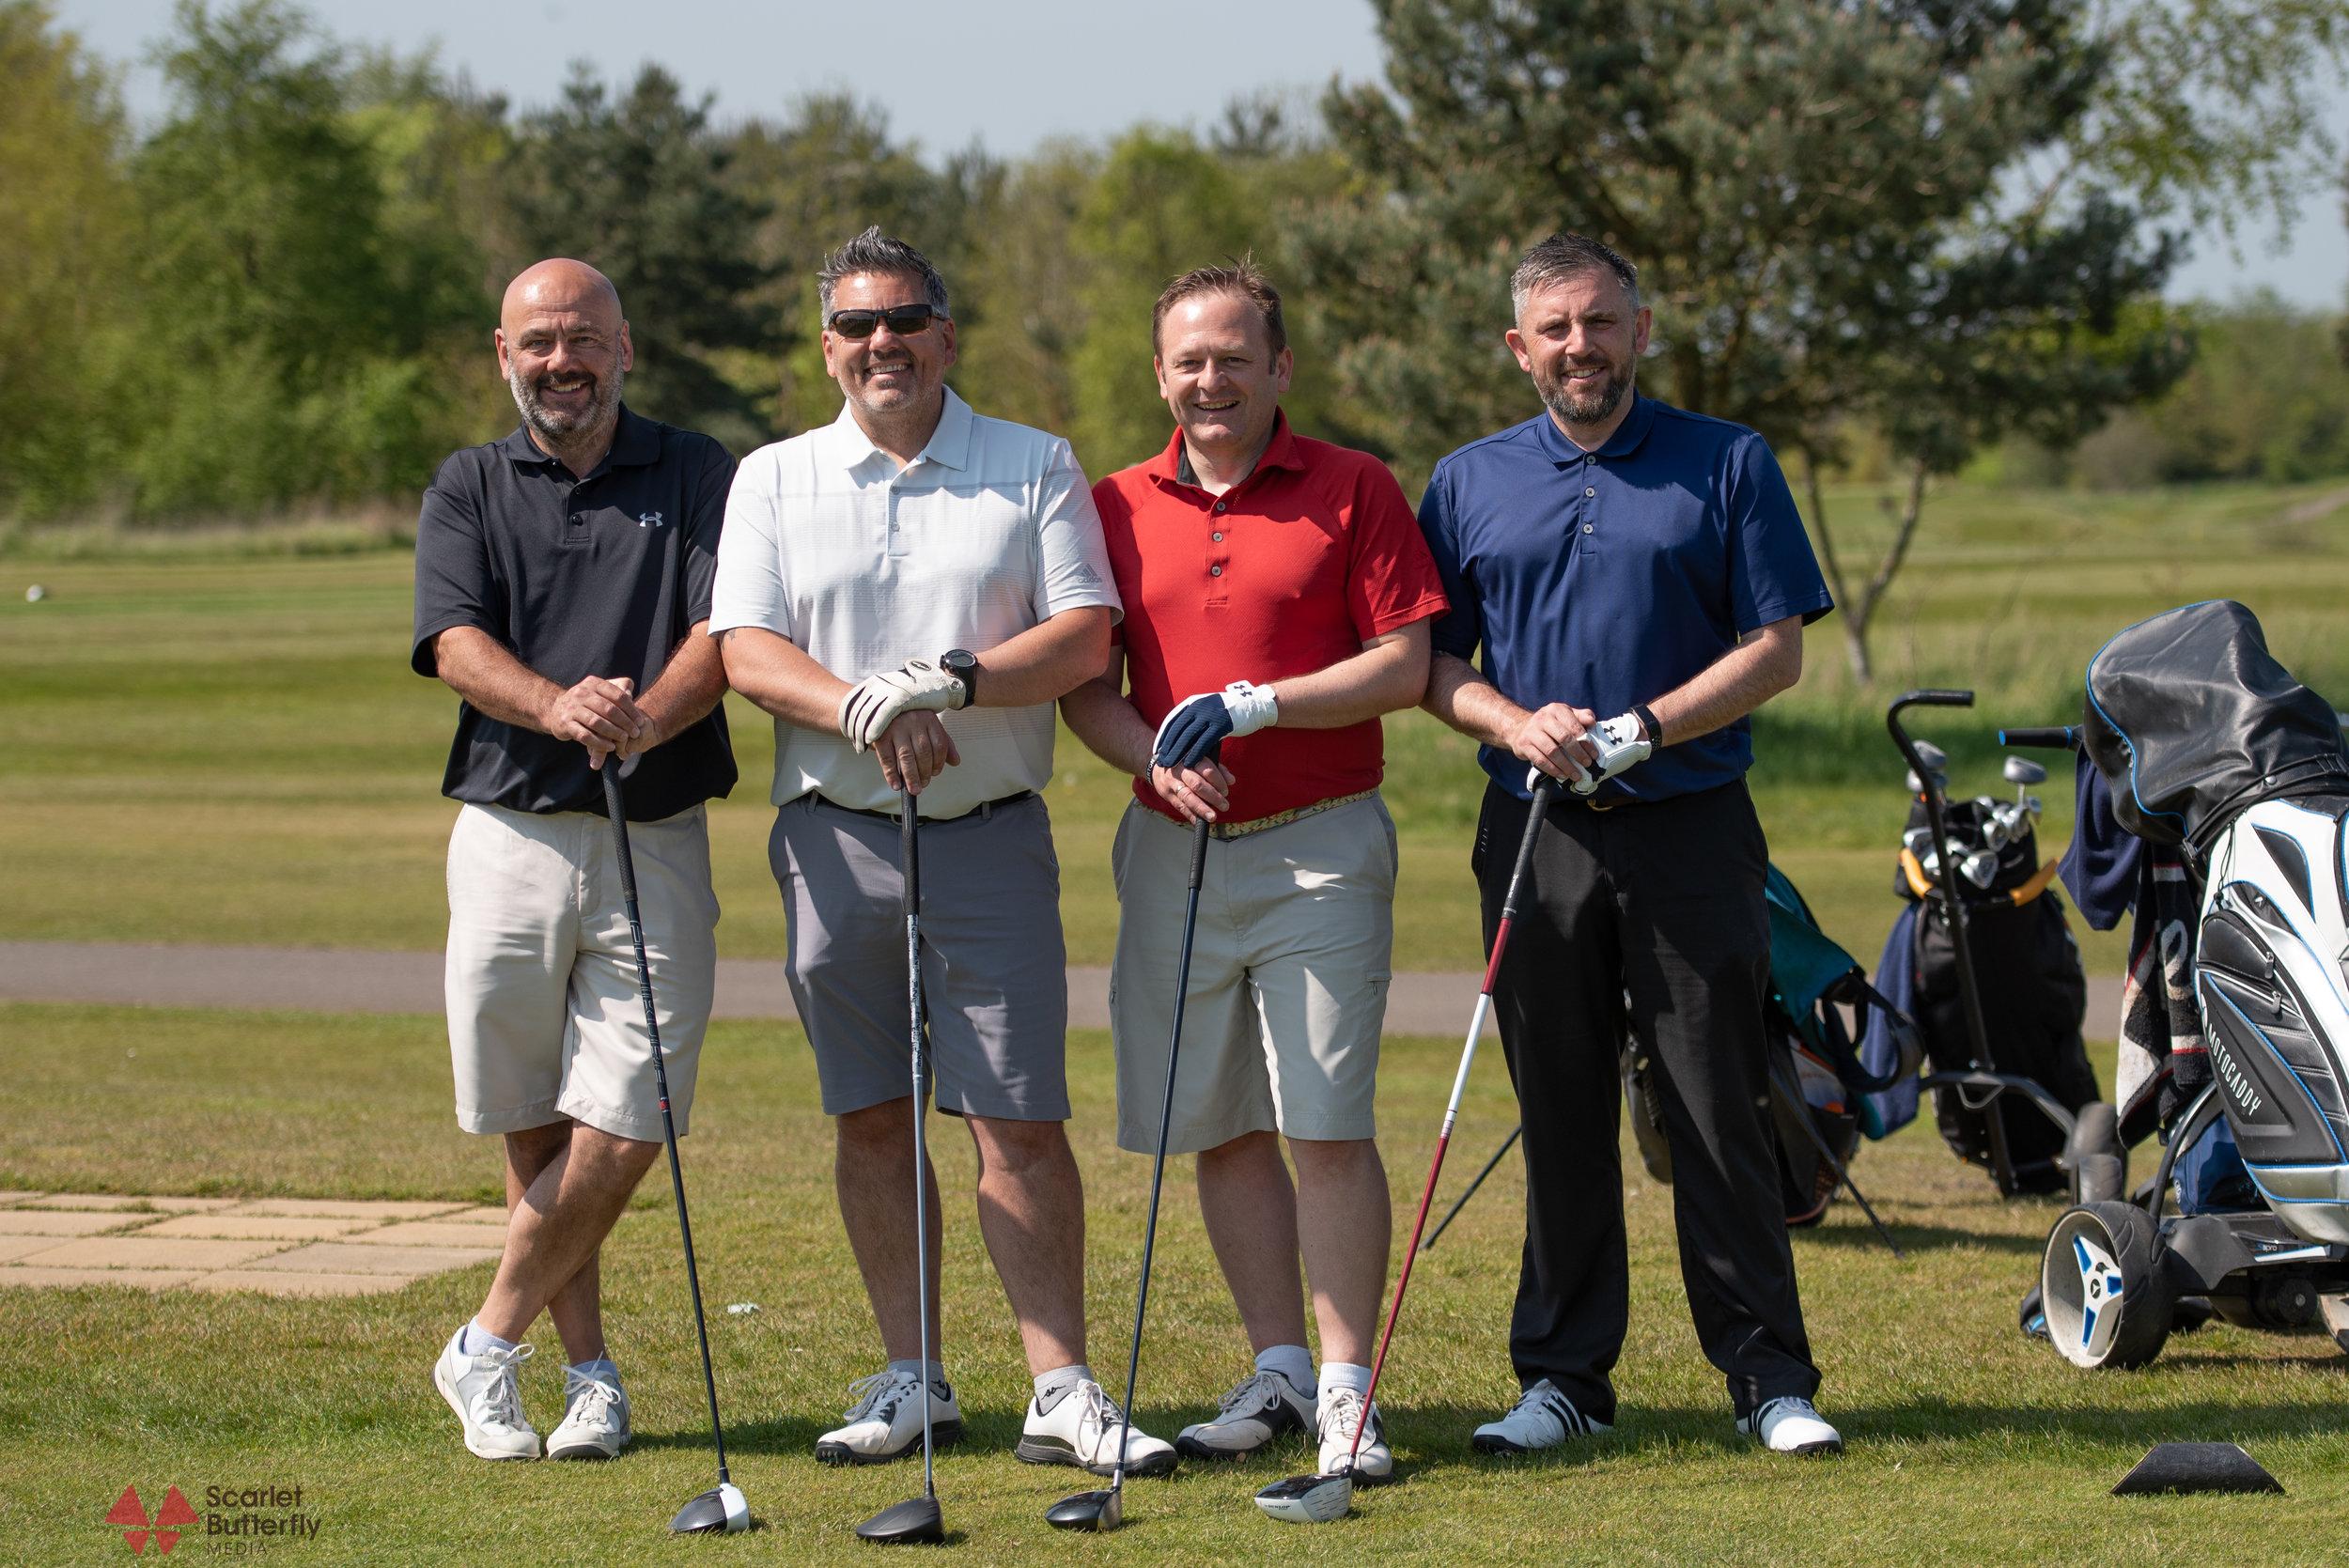 Robbie_Livermore_Memorial_Golf_Tournament_2019_v3-29.jpg